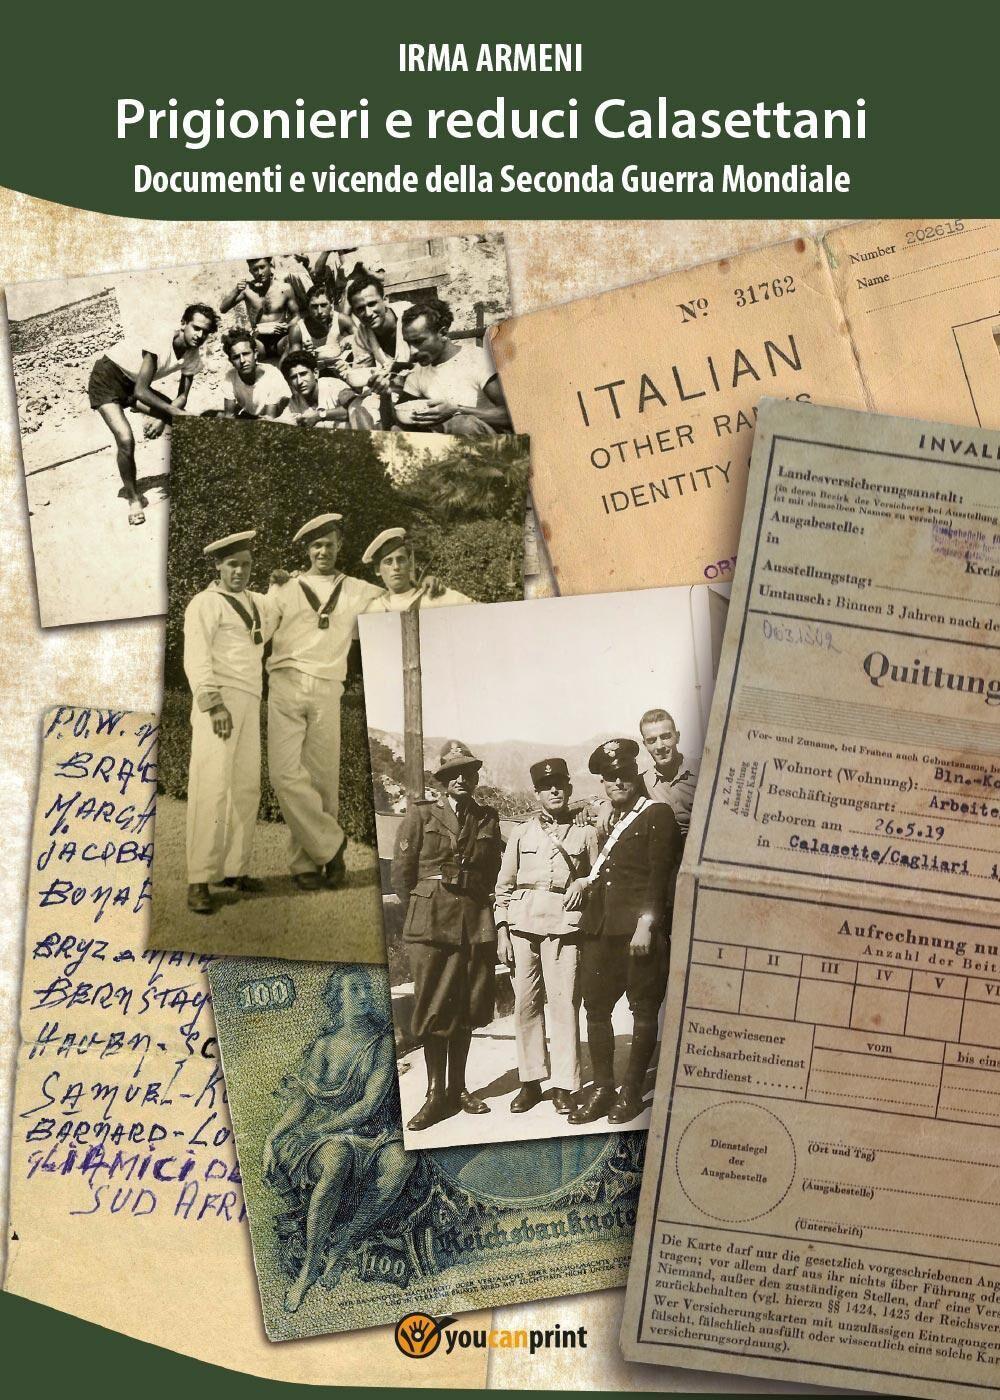 Prigionieri e reduci calasettani. Documenti e vicende della Seconda Guerra Mondiale